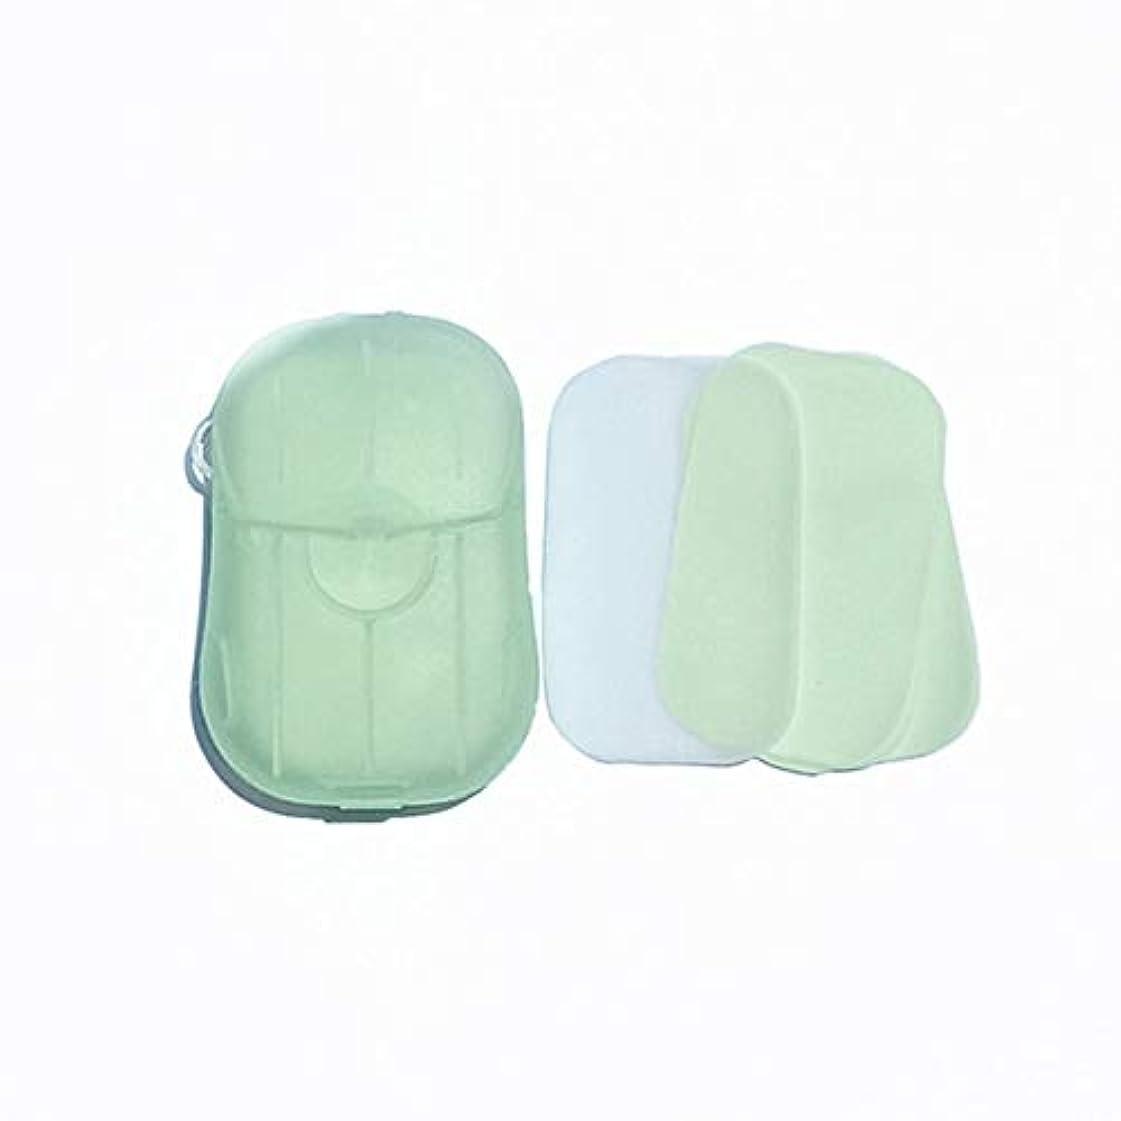 入口隔離するホバーFeglin-joy ペーパーソープ せっけん紙 除菌 石鹸 手洗い お風呂 旅行携帯用 紙せっけん かみせっけん 香り 20枚入 ケース付き(よもぎ)